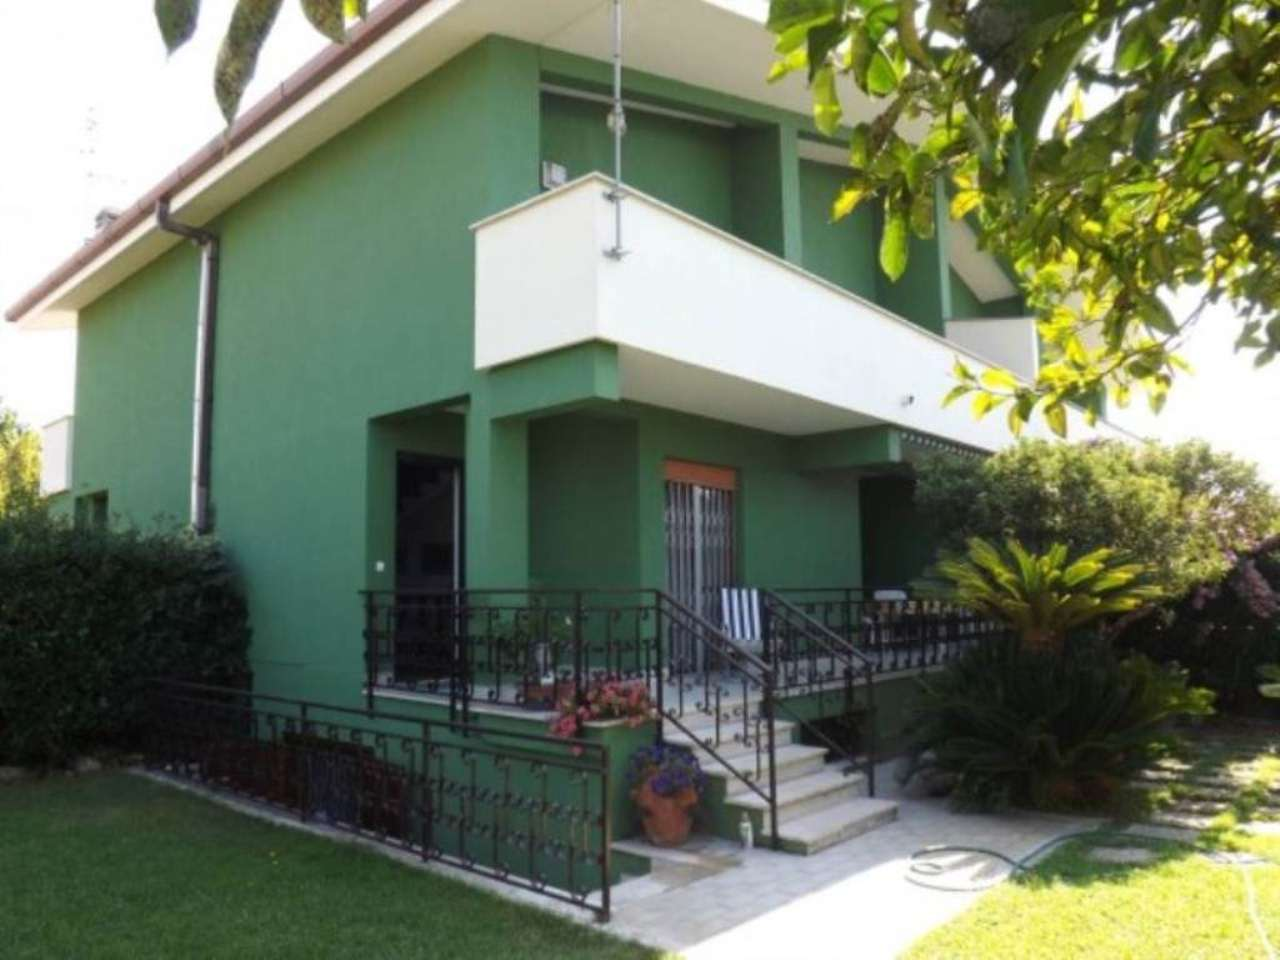 Villa in vendita a Anzio, 4 locali, prezzo € 152.000   Cambio Casa.it